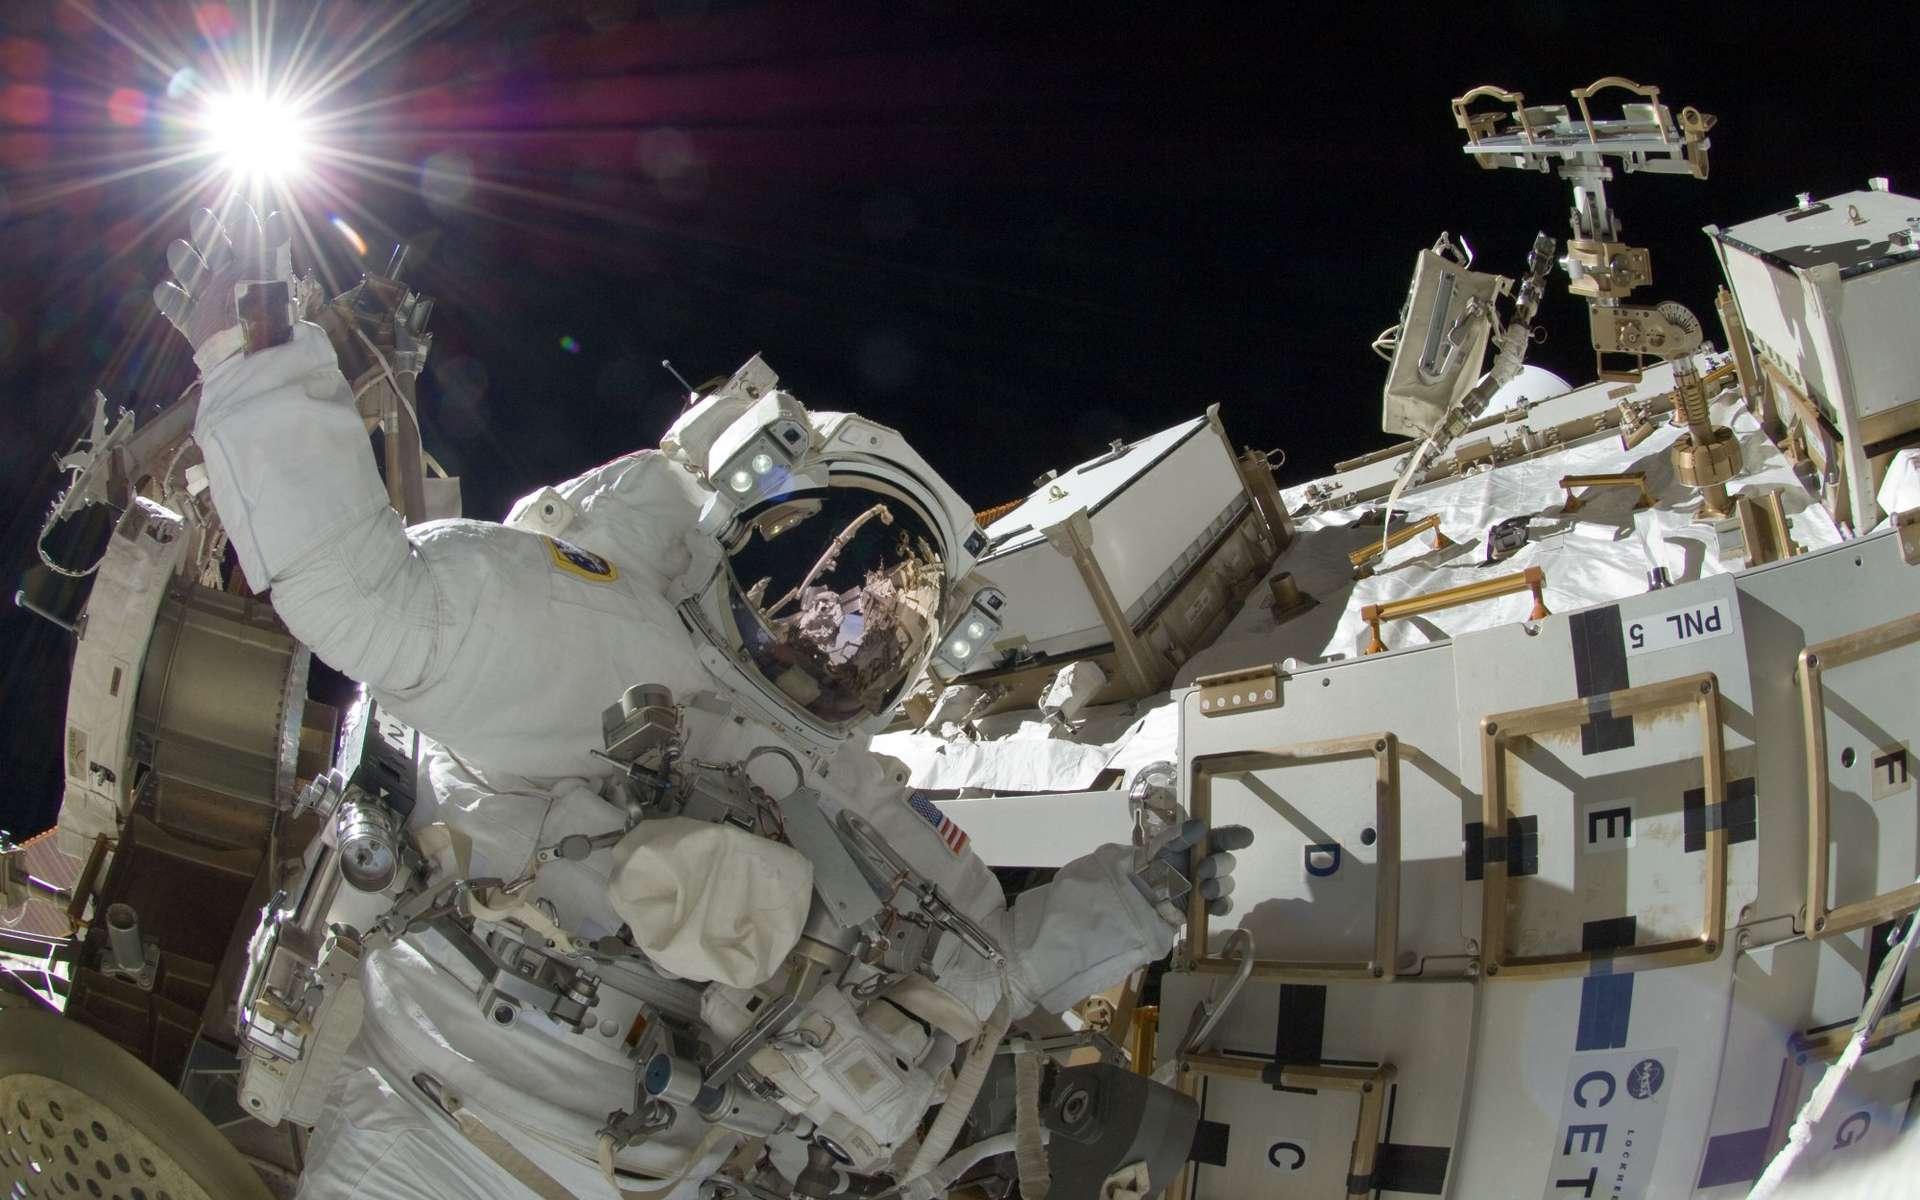 Sunita Williams, astronaute américaine, photographiée par le Japonais Aki Hoshide, lors de l'Expédition 32, pendant une longue sortie extravéhiculaire (EVA), le 5 septembre 2012. Le photographe est visible dans le reflet du casque. Outre cette pause photo, les deux astronautes ont terminé l'installation d'un nouveau module d'alimentation électrique (MBSU, Main Bus Switching Unit), malgré un boulon coincé au cours du démontage du module en panne, et ont également fixé une caméra sur le bras robotisé Canadarm2. © Nasa